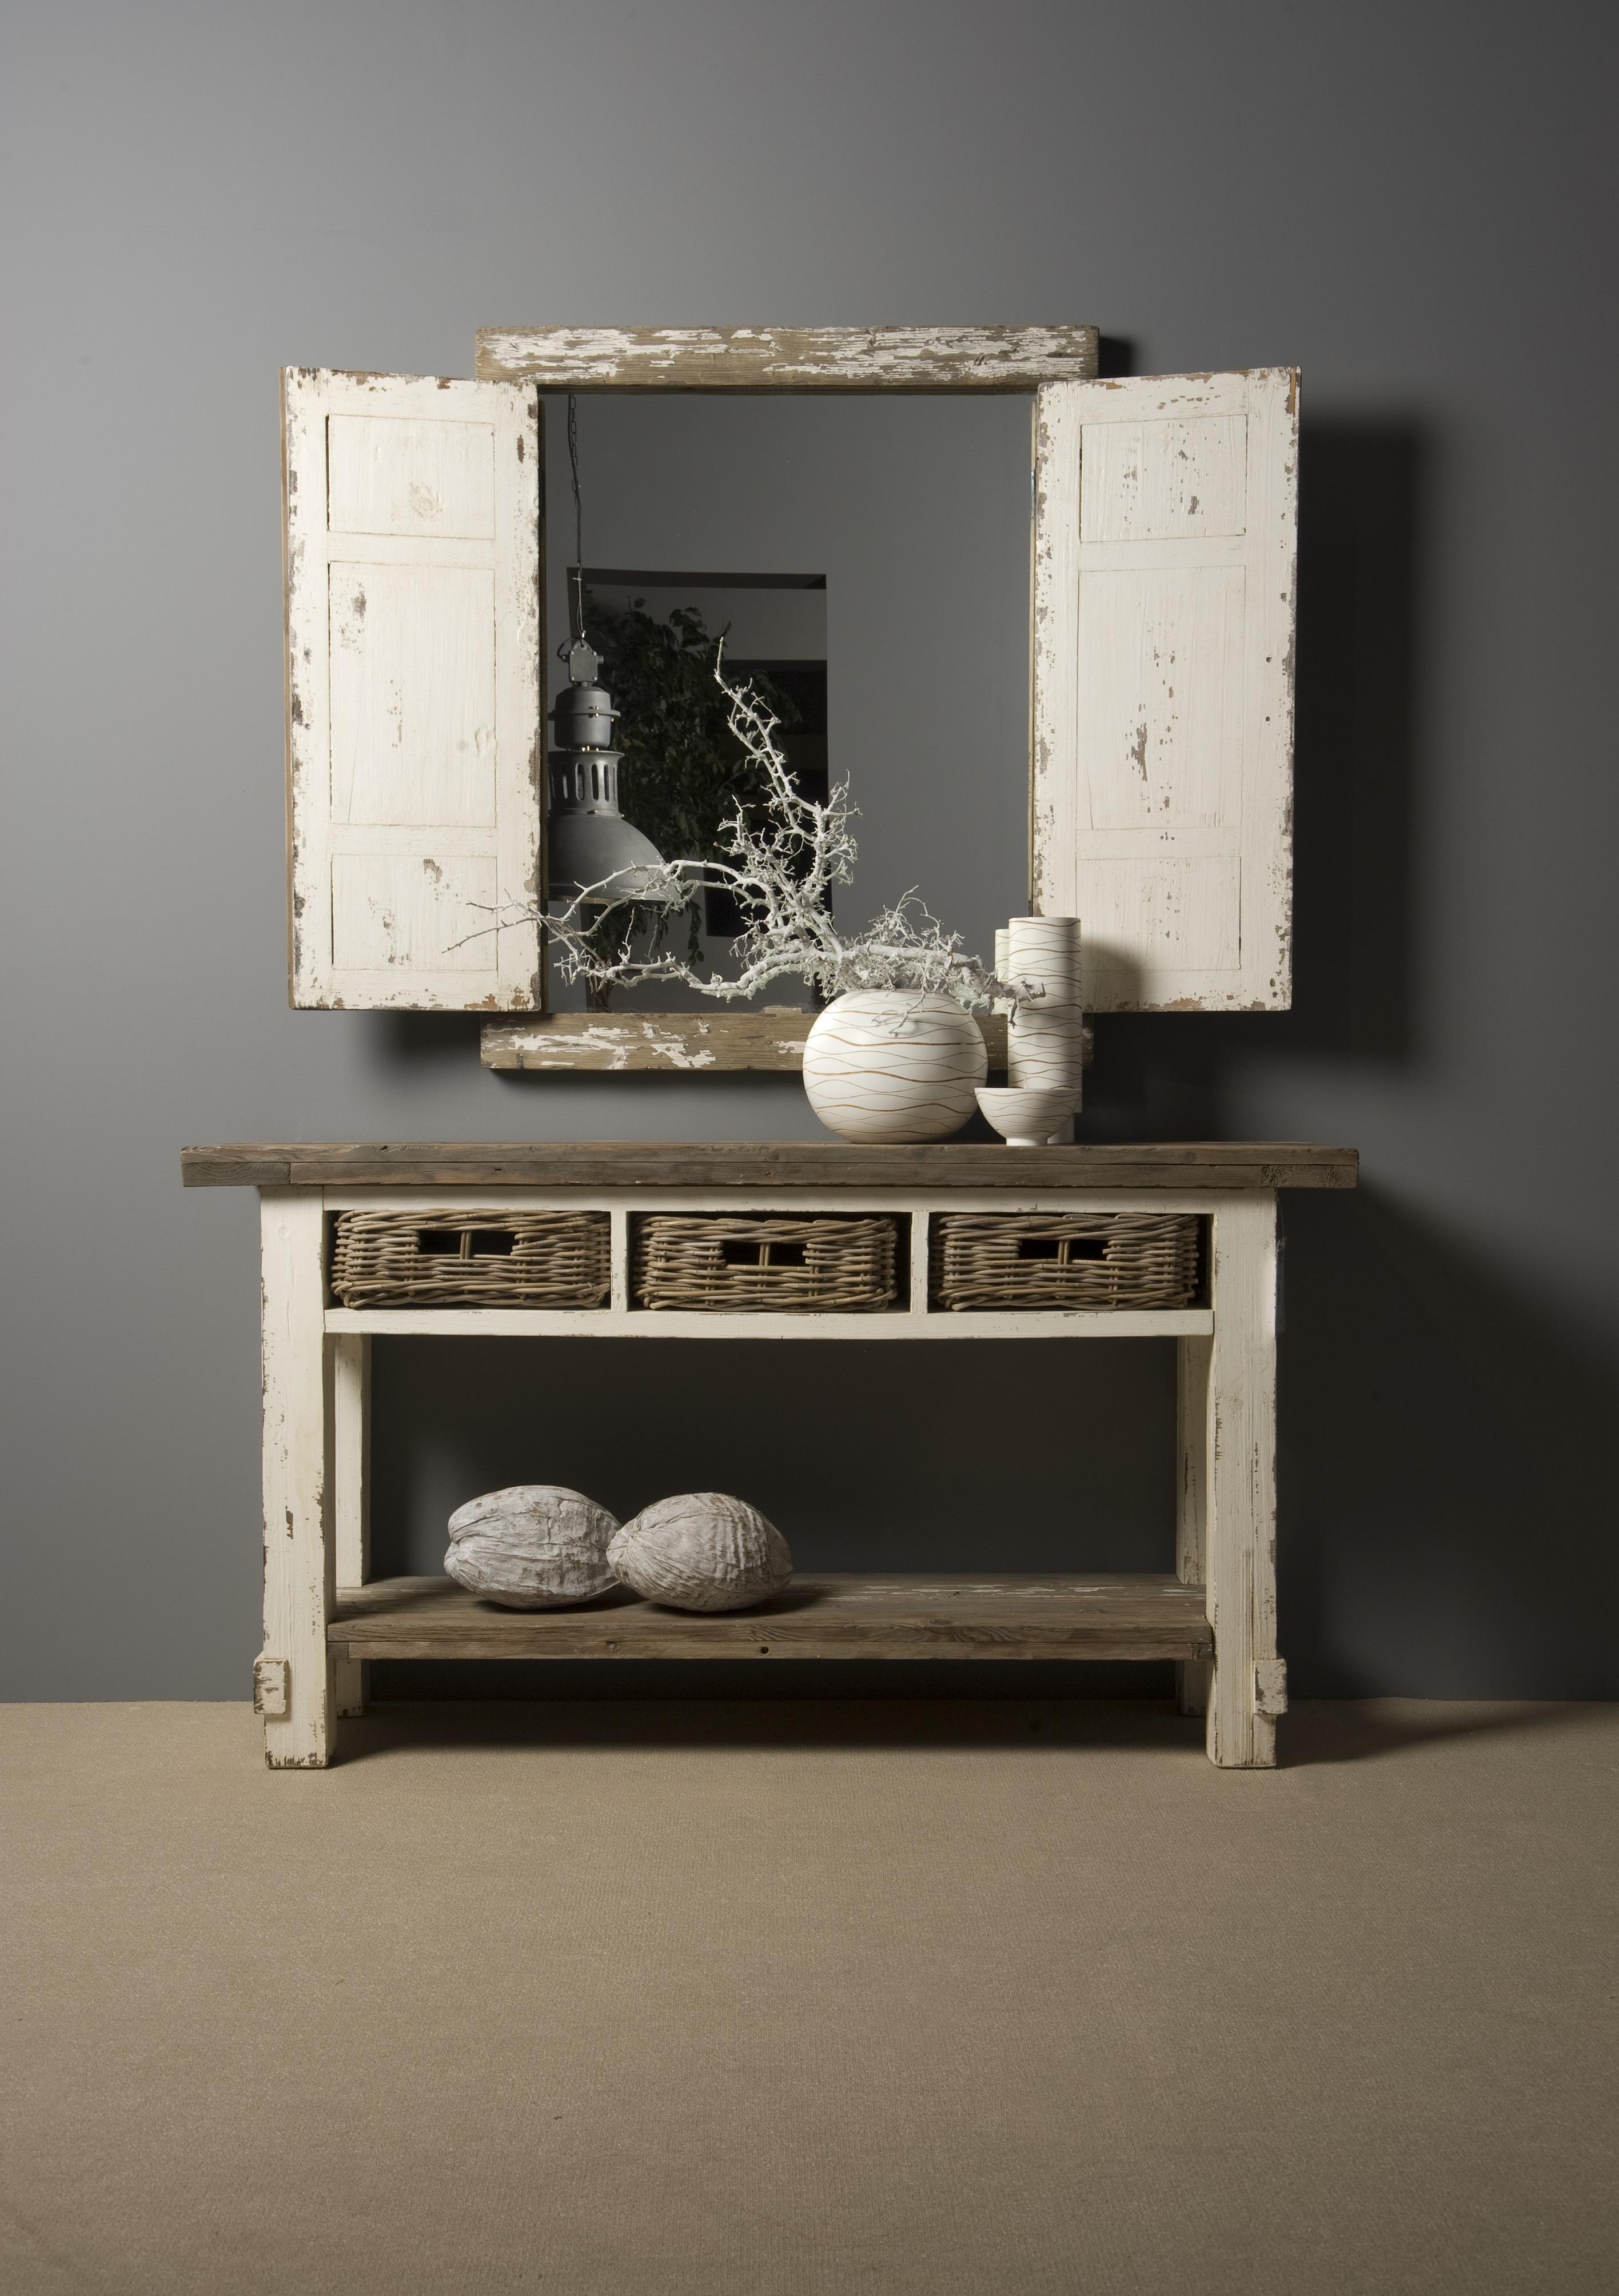 daan spiegel vintage look 86 cm markus john. Black Bedroom Furniture Sets. Home Design Ideas